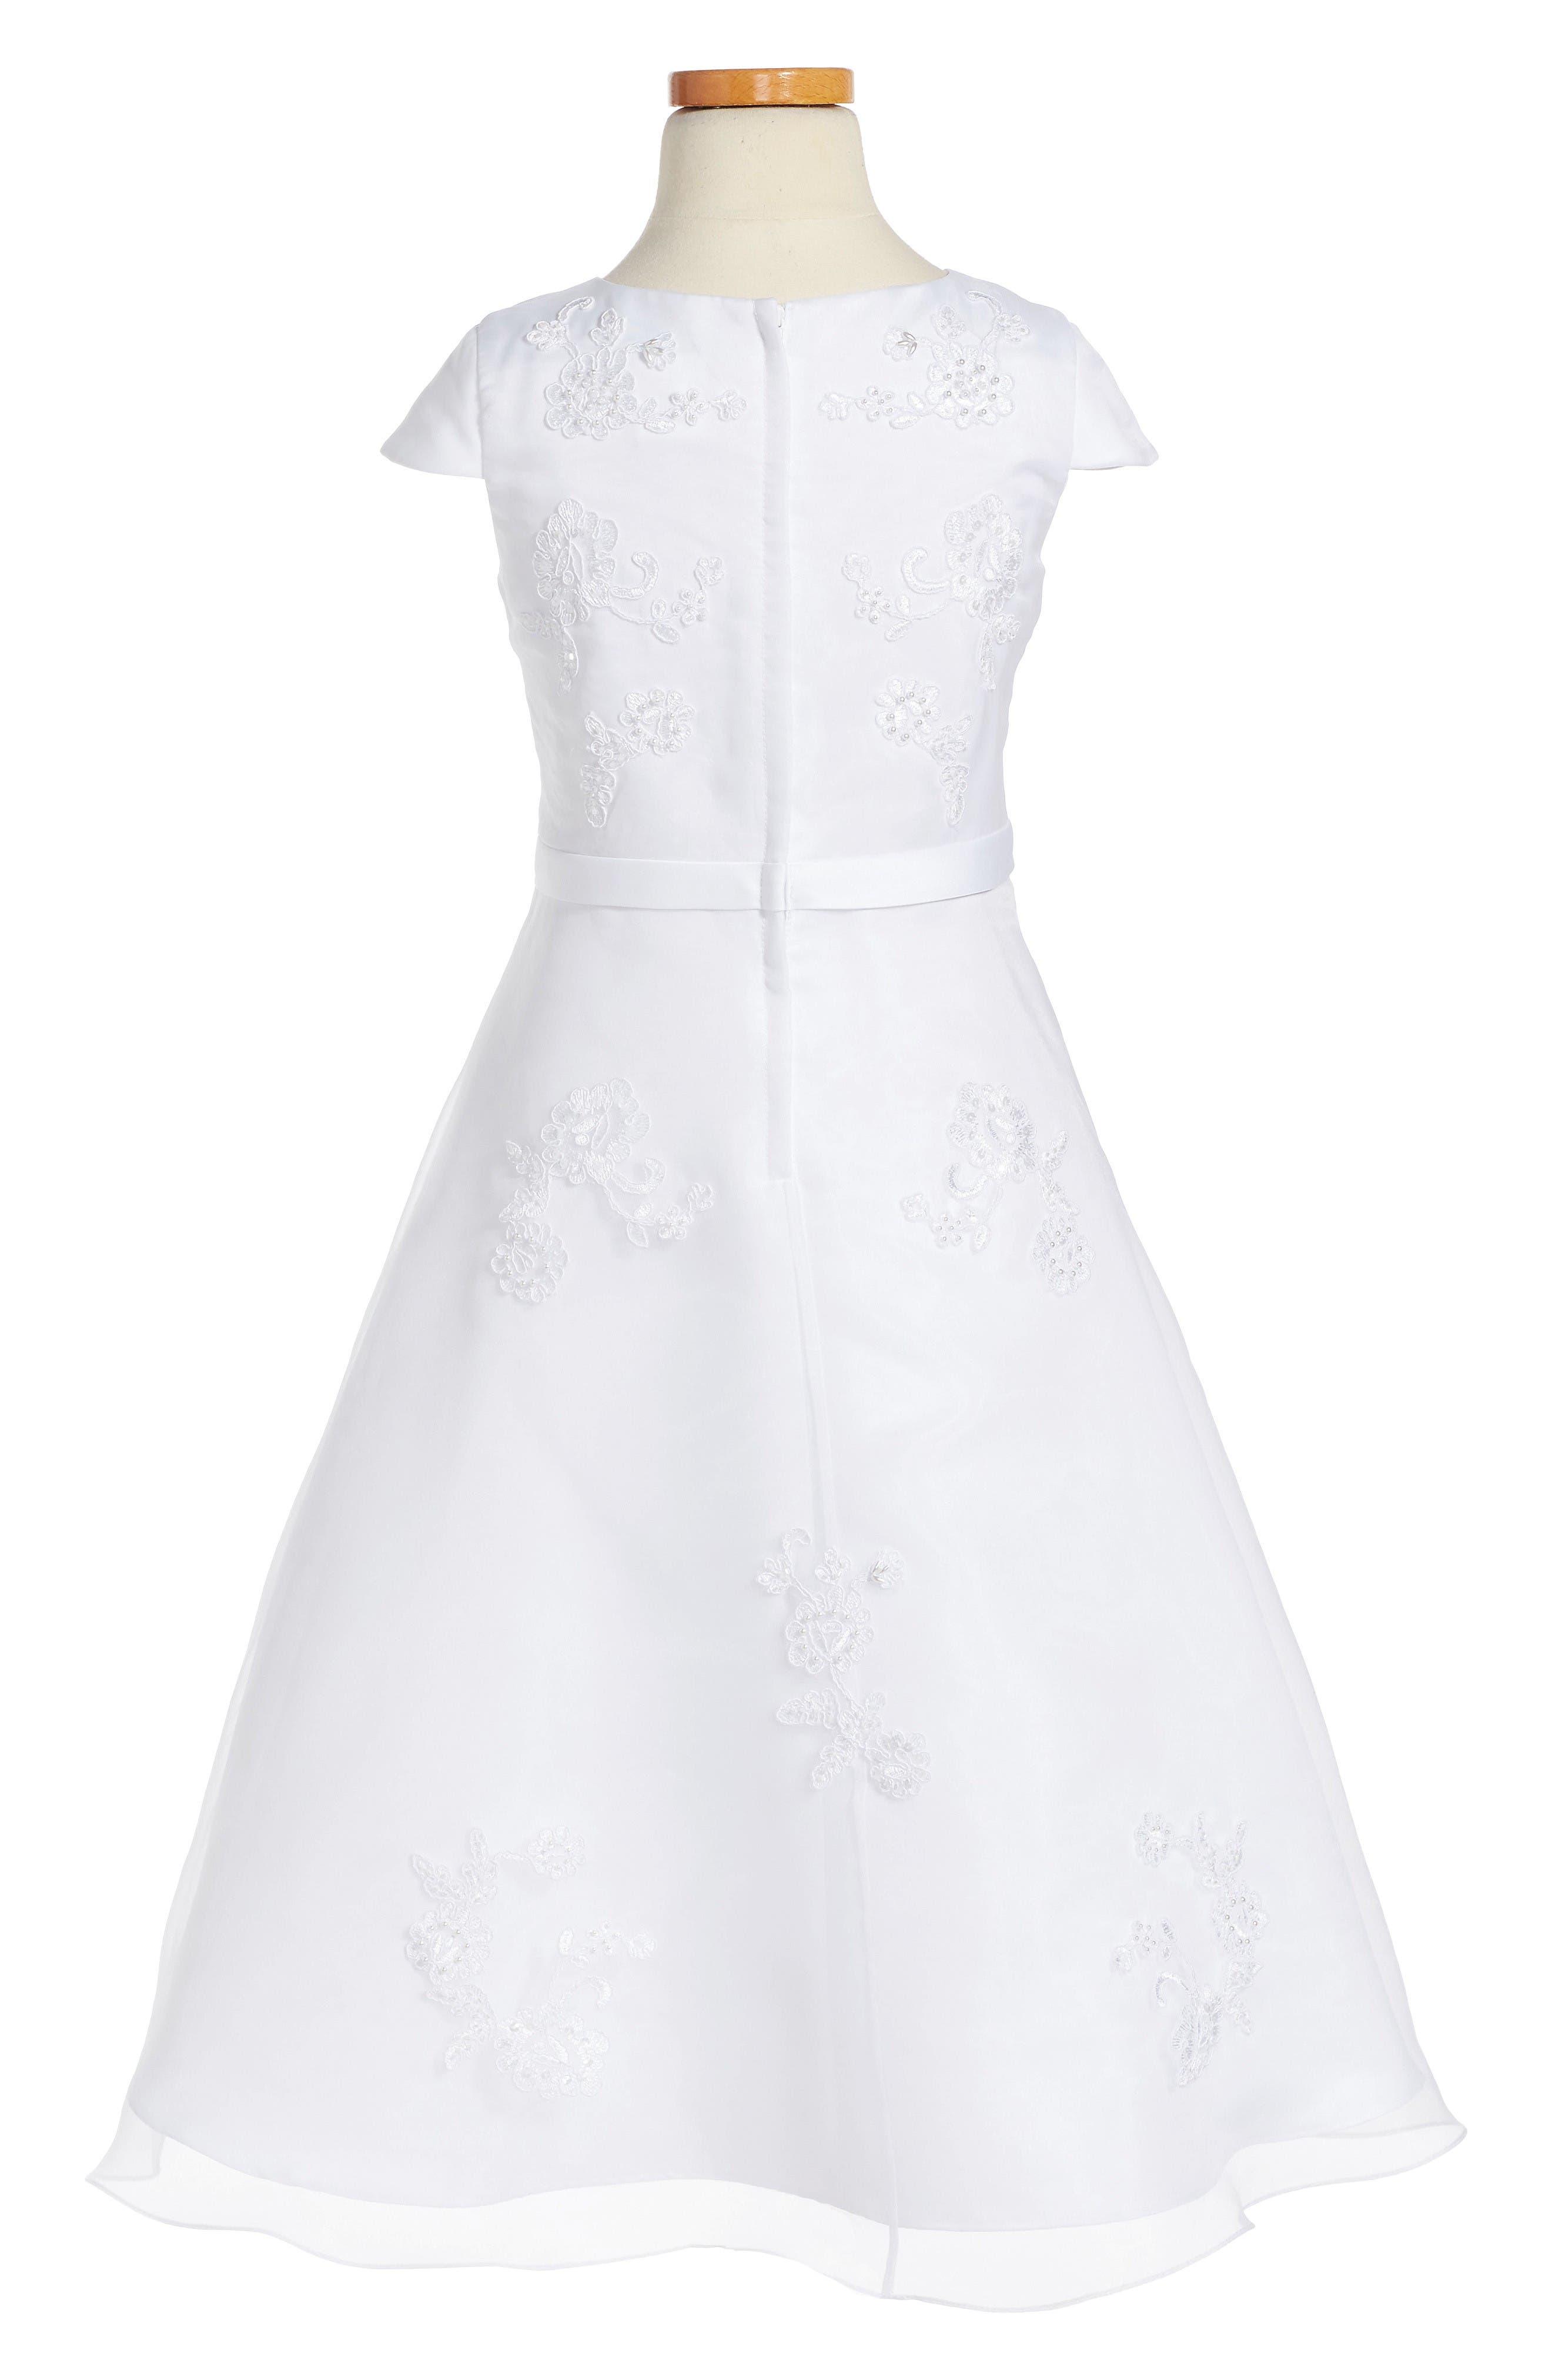 Alternate Image 2  - Us Angels Lace Floral Fit & Flare Dress (Little Girls & Big Girls)